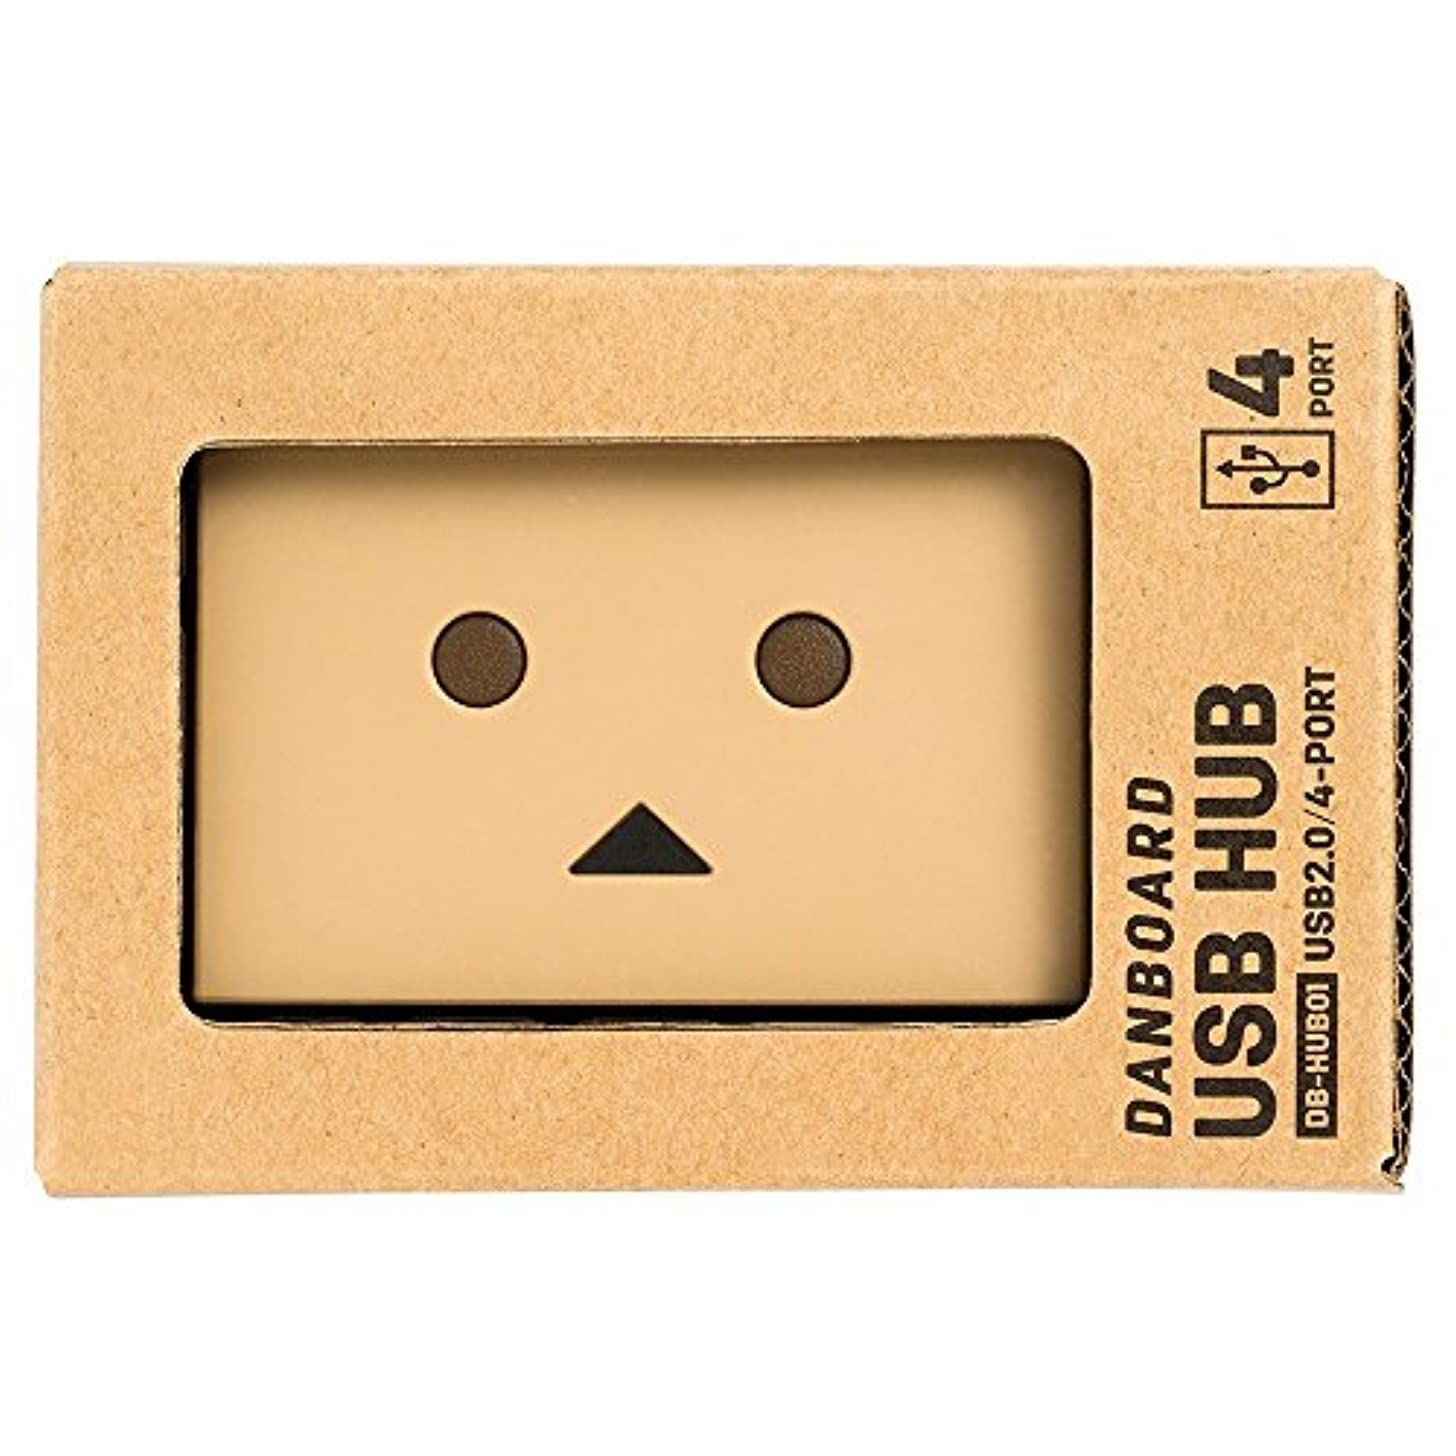 彫刻トロイの木馬ホールドオールPLANEX ダンボーUSBハブ DB-HUB01 バスパワー USB2.0 4ポート